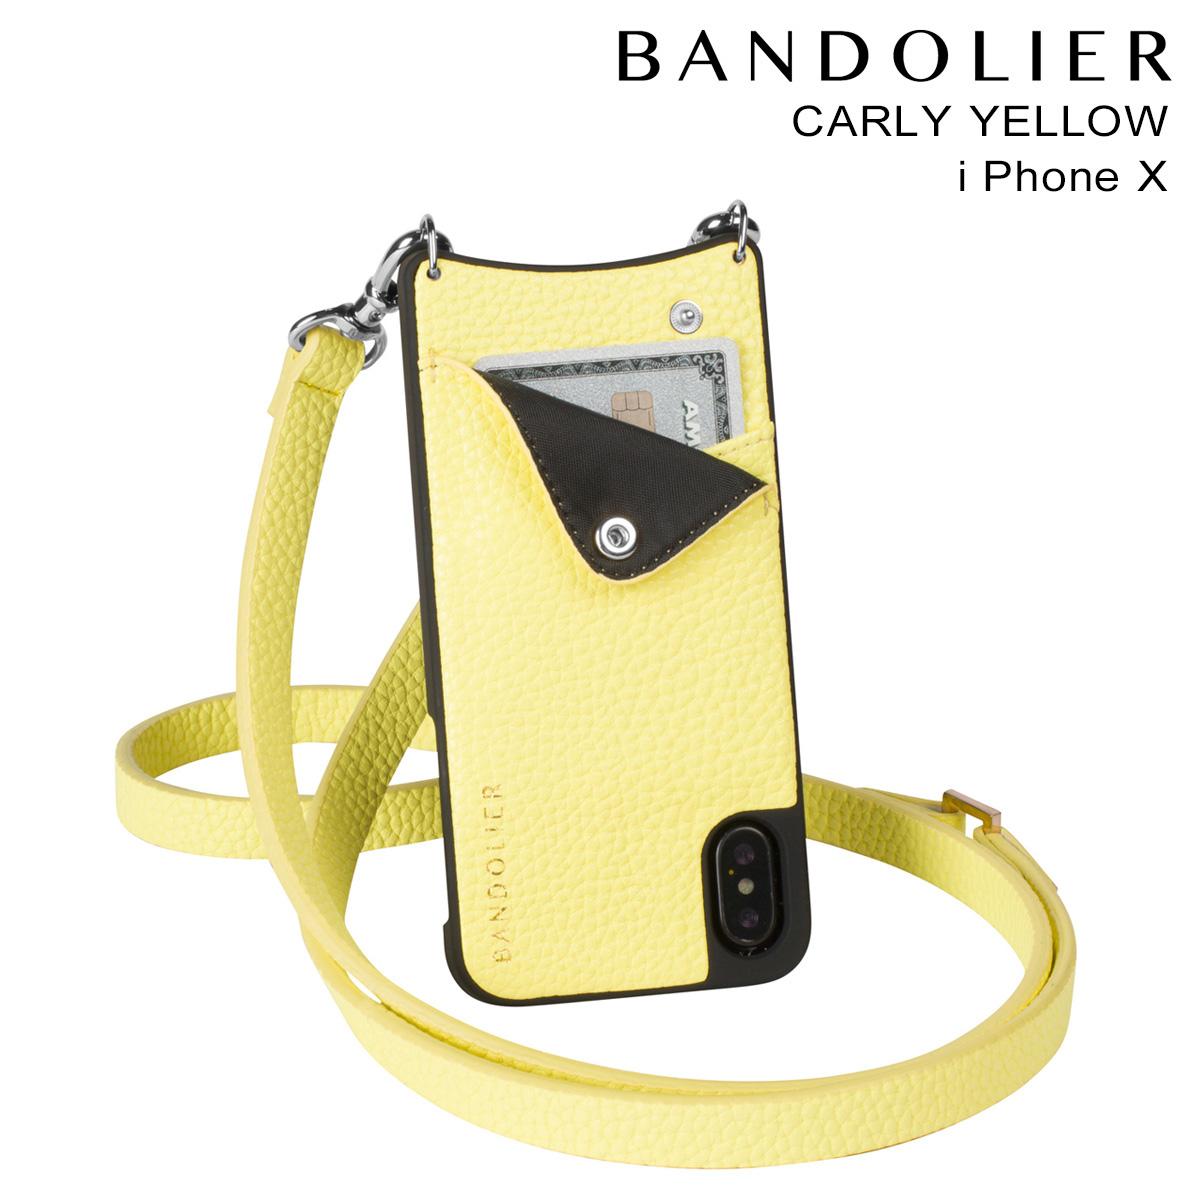 BANDOLIER バンドリヤー iPhoneX ケース スマホ アイフォン CARLY YELLOW レザー メンズ レディース